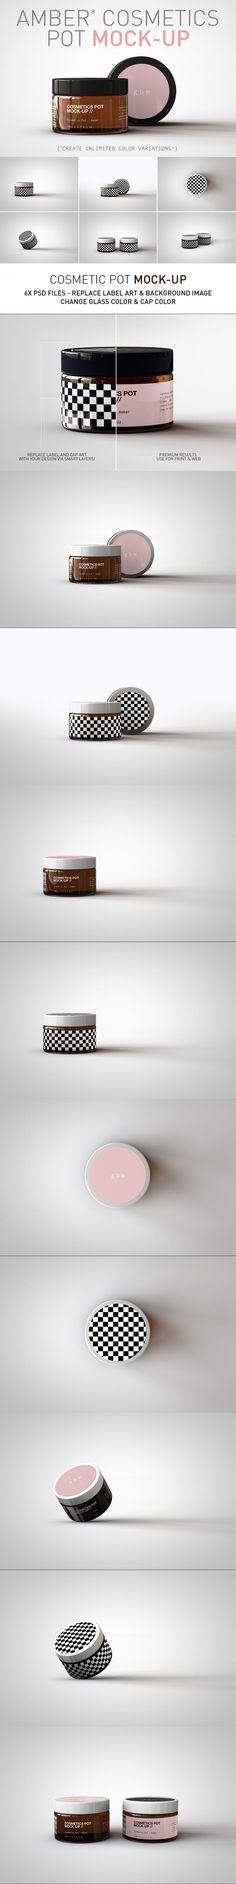 Amber Cosmetics Pot Mock-Up #object #psd #cobalt #cream #mockups #MockupTemplates #shower #tube #mockup #2oz #mockups #photo #printed #foldable #mock-up #tshirt #mock-up #sandwich #mock Bottle Mockup, Mockup Templates, Wine Glass, Photoshop, Cosmetics, Etsy, Design, Wine Bottles